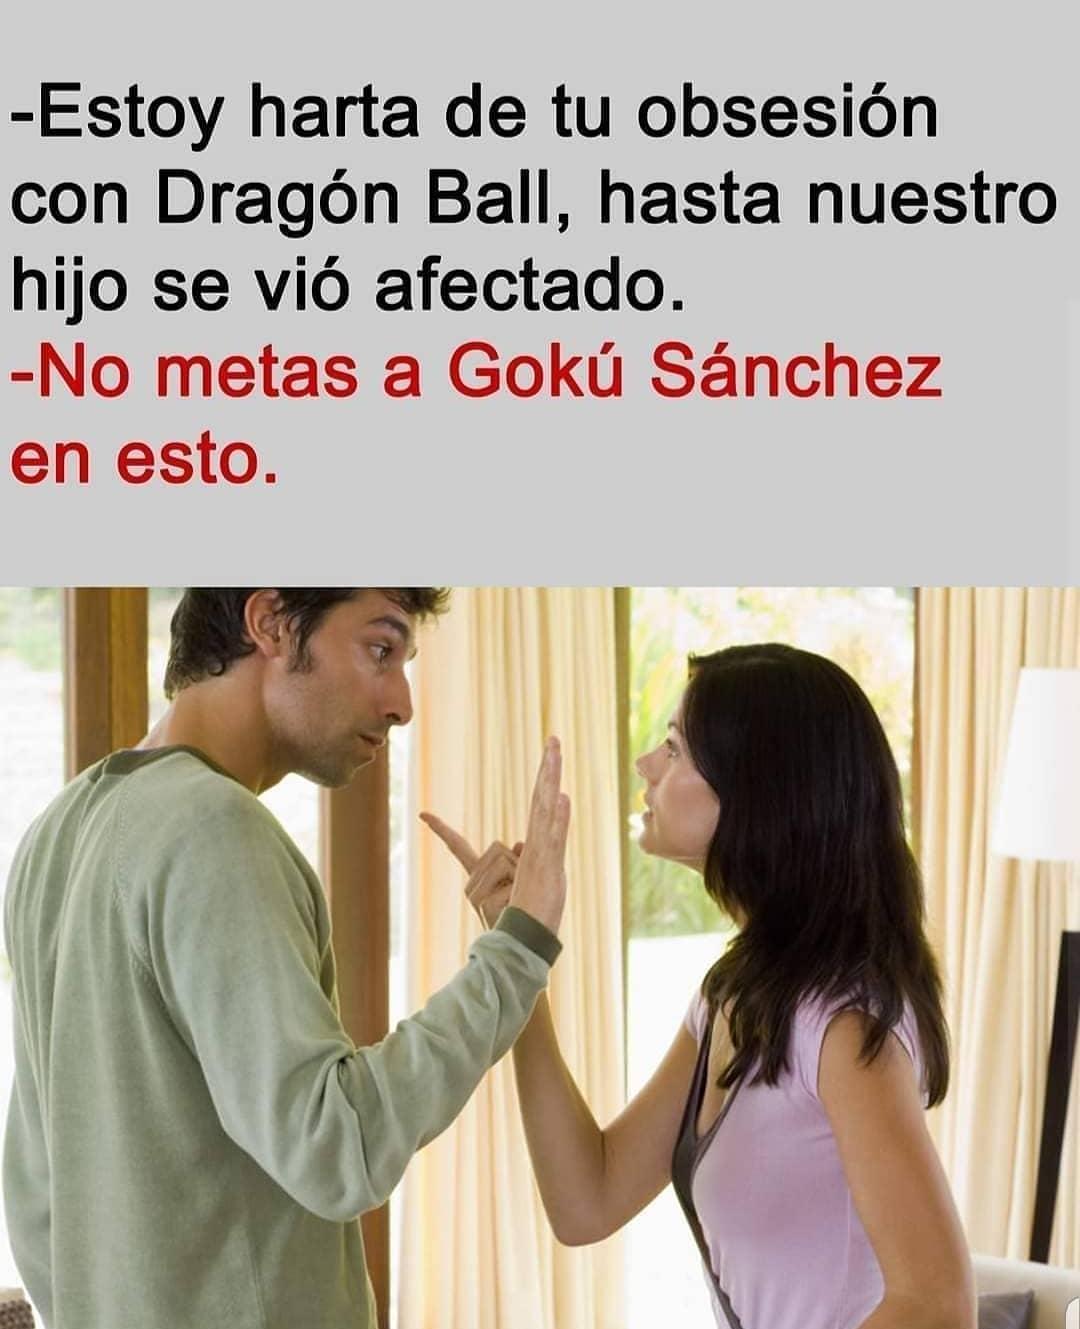 Estoy harta de tu obsesión con Dragón Ball, hasta nuestro hijo se vio afectado.  No metas a Gokú Sánchez en esto.